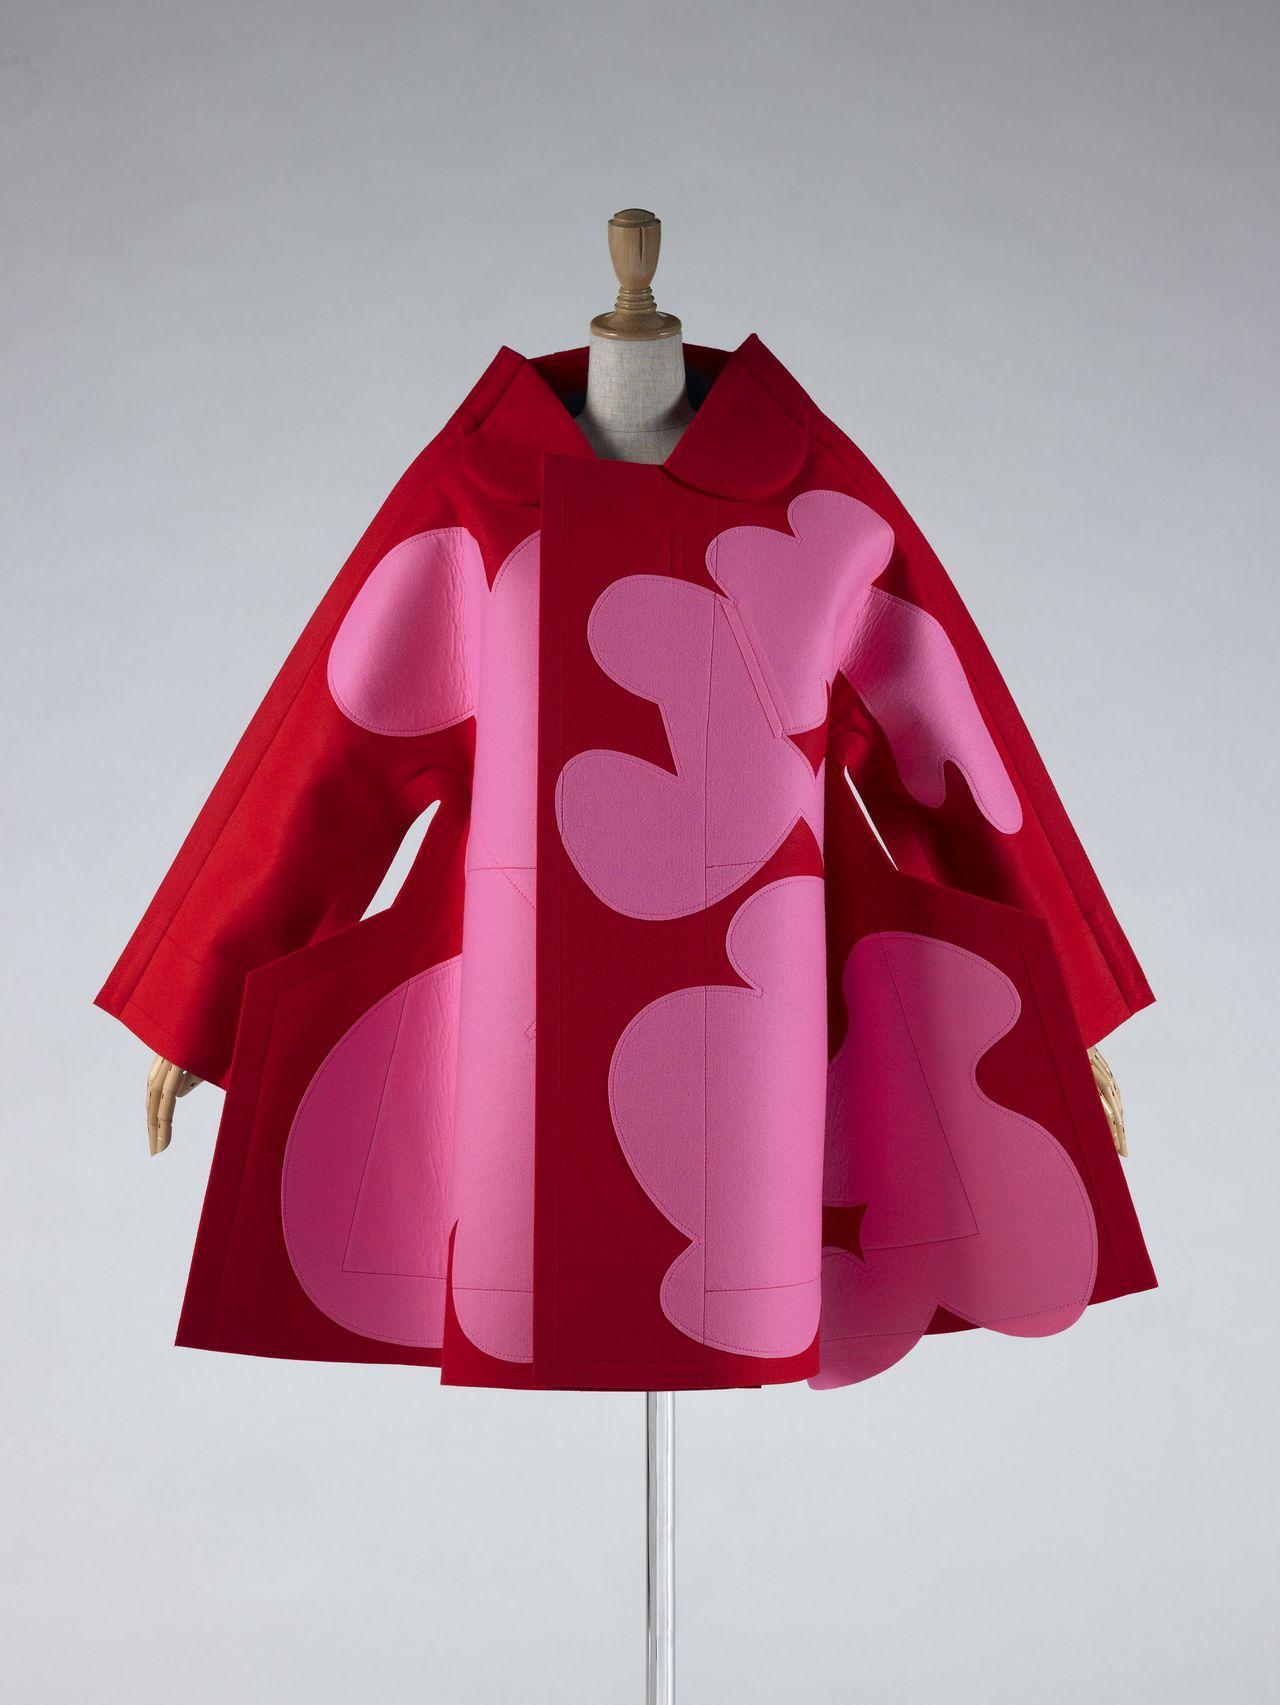 Пальто от Comme des Garçons (Рэй Кавакубо), осень / зима 2012. Фото Хаяси Масаюки (© Киотский институт костюма)